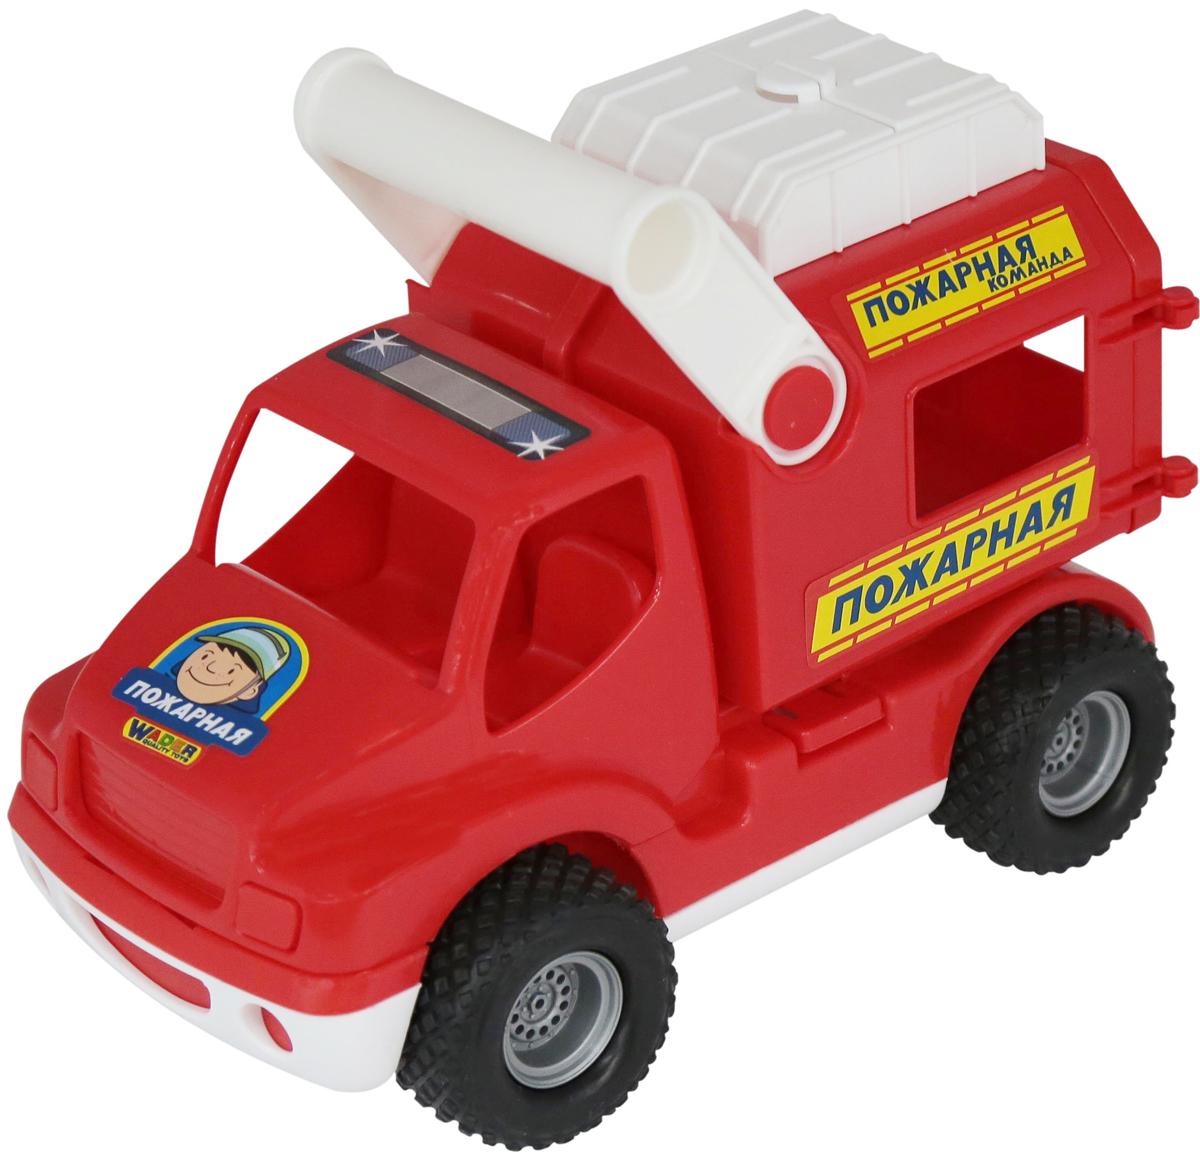 Полесье Пожарный автомобиль КонсТрак полесье коммунальный автомобиль констрак